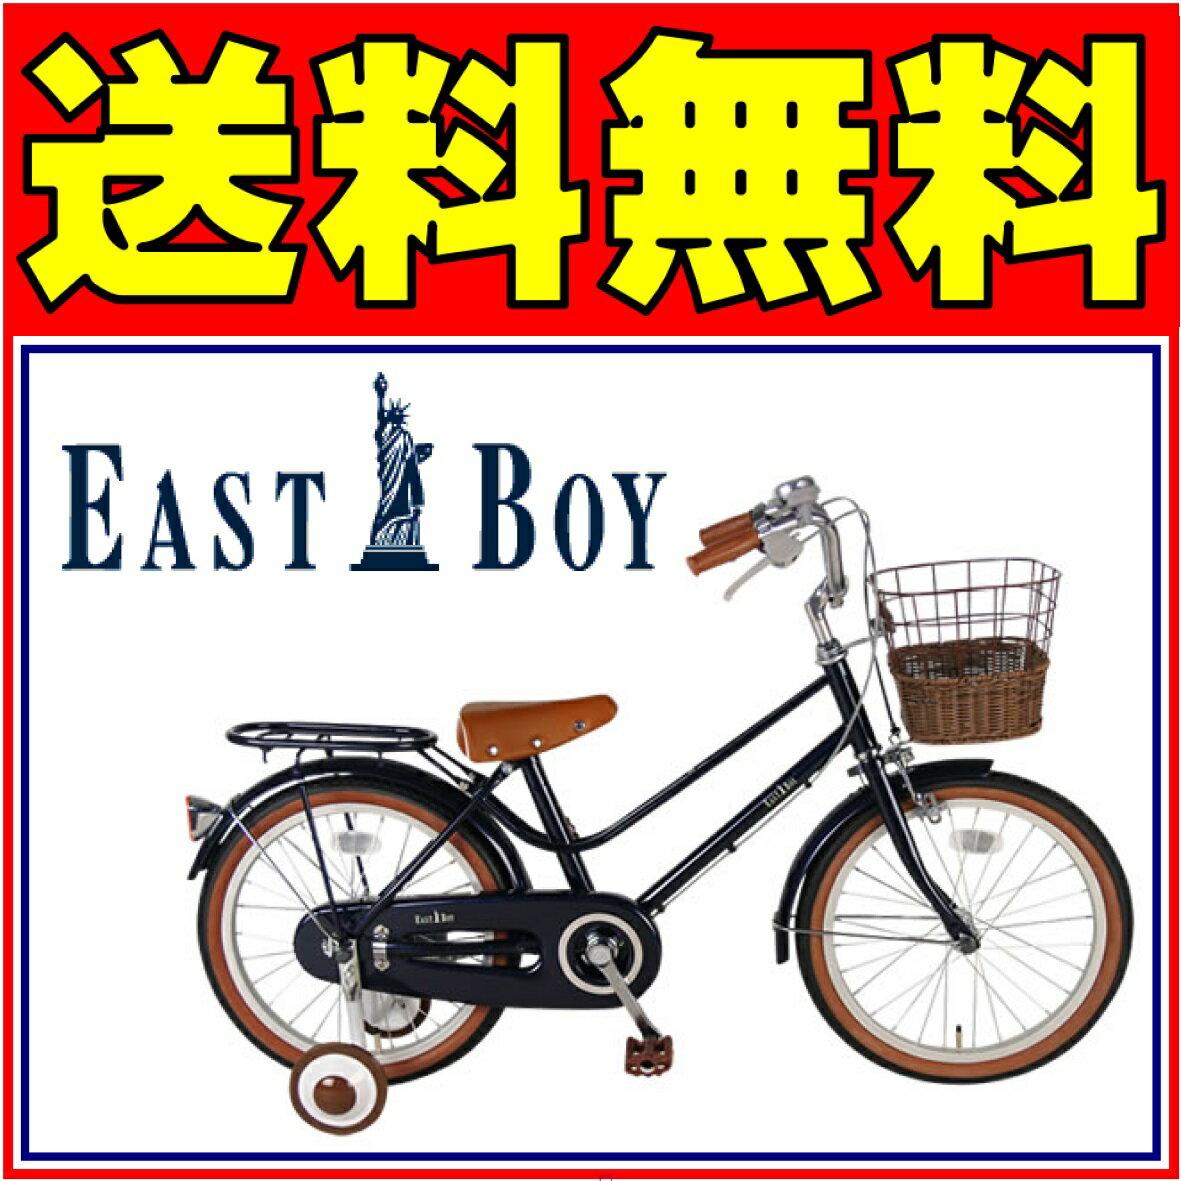 EASTBOY イーストボーイ 自転車 シティサイクル ネイビー 紺 <大人かわいい>キッズ 【16インチ  送料無料 イーストボーイ 自転車 クリスマス